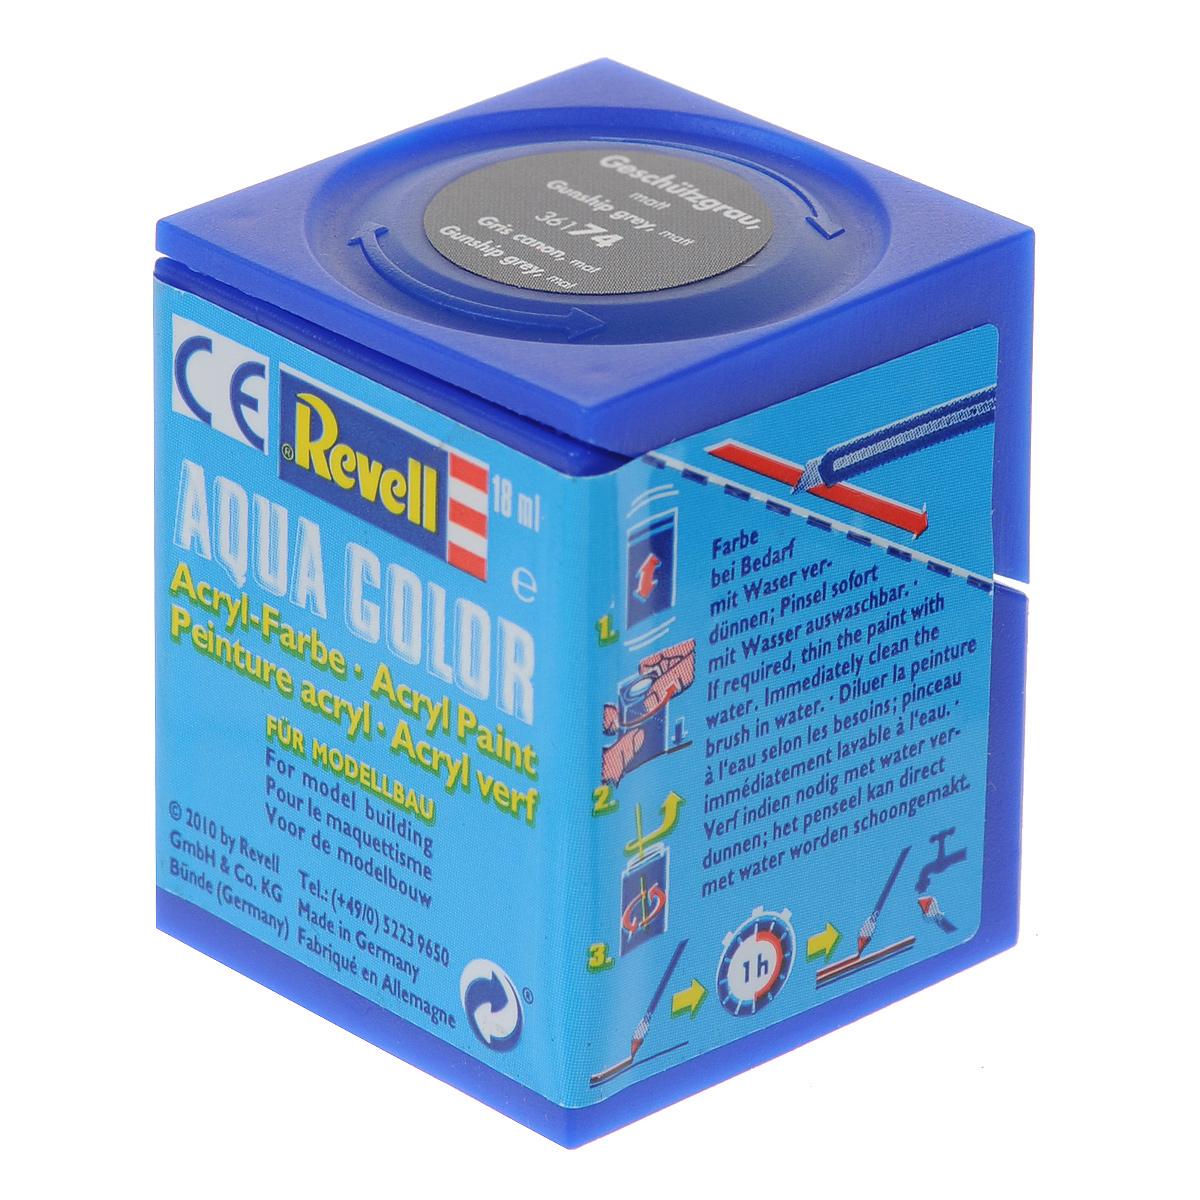 Revell Аква-краска матовая цвет оружейно-серый 18 мл36174Краски для моделей Revell - это высококачественный материал для покраски ваших моделей. Данная краска служит для окрашивания пластиковых поверхностей сборных моделей Revell. В баночке содержится 18 мл краски с матовым эффектом. В случае необходимости различные оттенки эмали могут быть смешаны друг с другом, для разбавления используется Revell Color Mix.